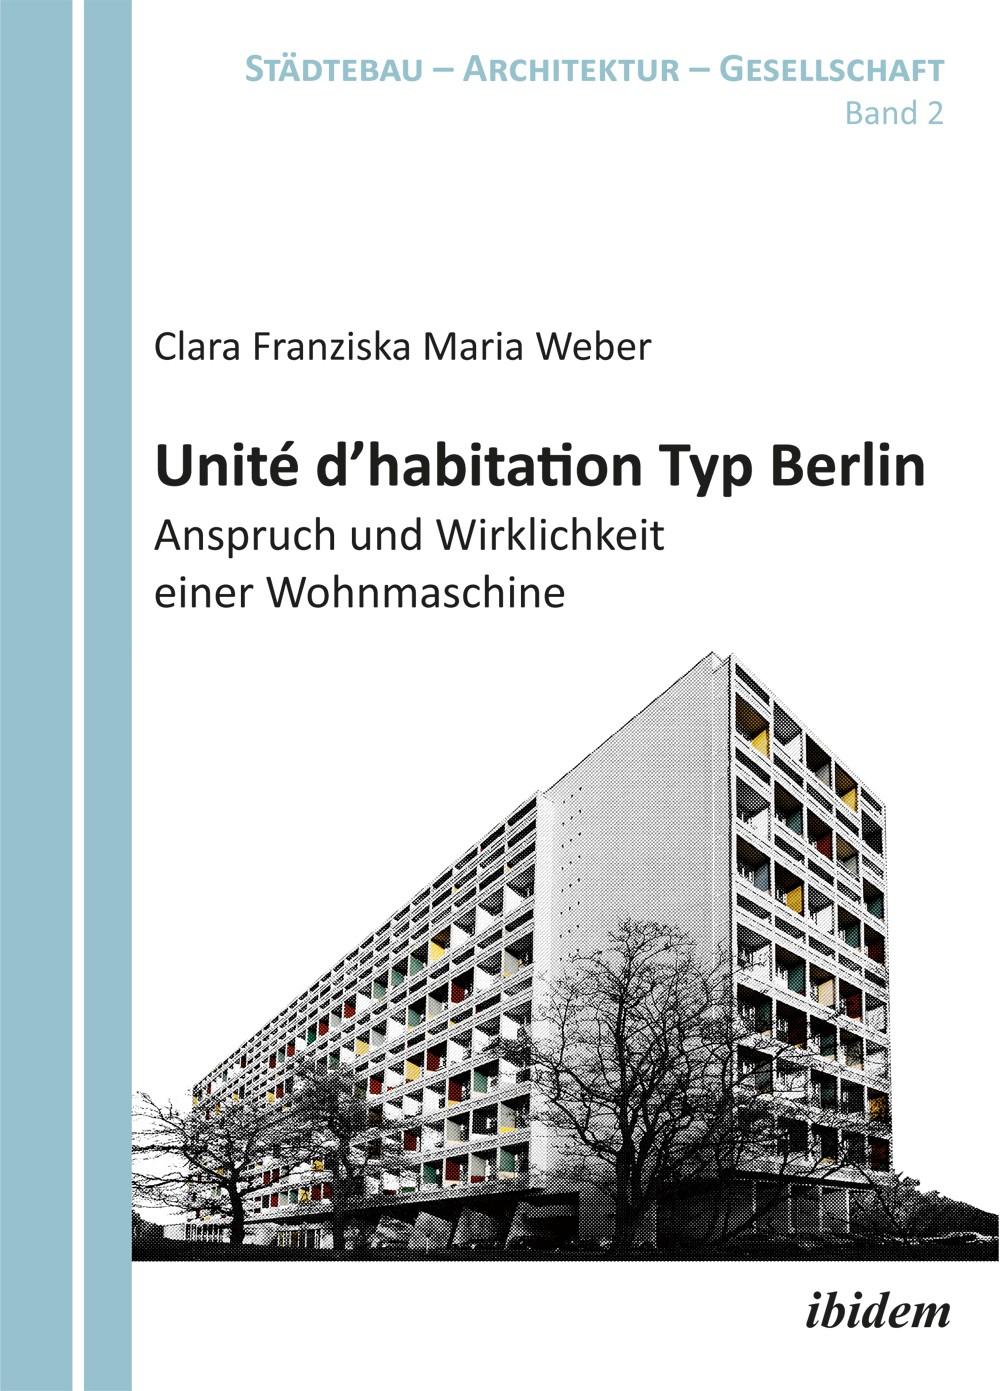 Unité d'habitation Typ Berlin: Anspruch und Wirklichkeit einer Wohnmaschine